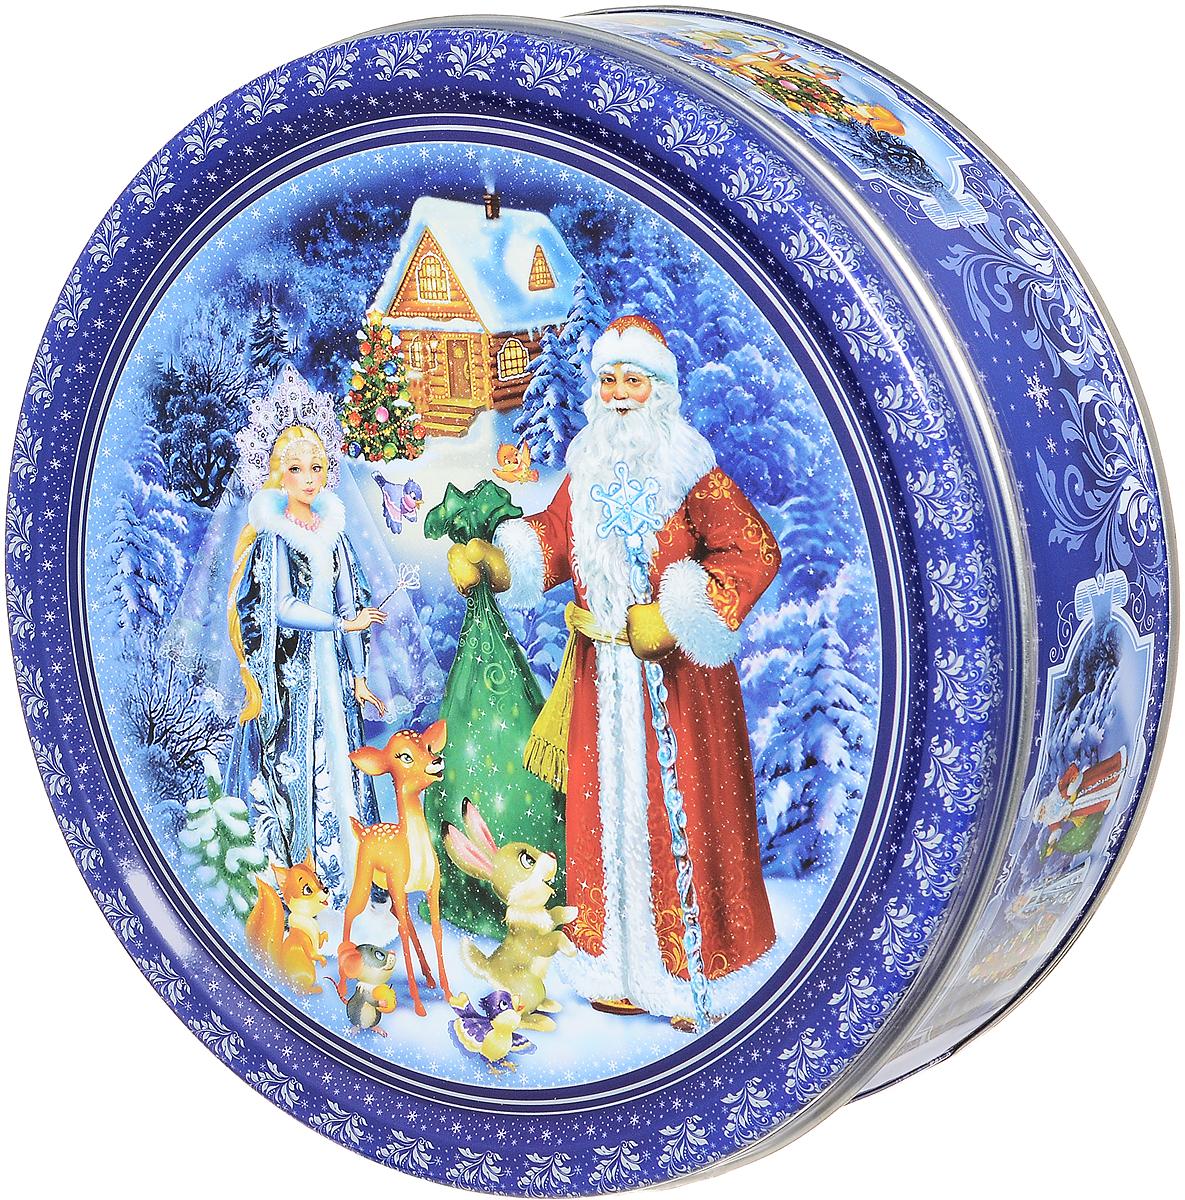 Сладкая Сказка Печенье Дед Мороз и Снегурочка, 400 гMC-4-19_синийСладкая Сказка Дед Мороз и Снегурочка - 100% сдобное печенье со сливочным маслом. Упаковано в металлическую банку, оформленную ярким рисунком. Такое печенье станет оригинальным подарком к новогодним праздникам.